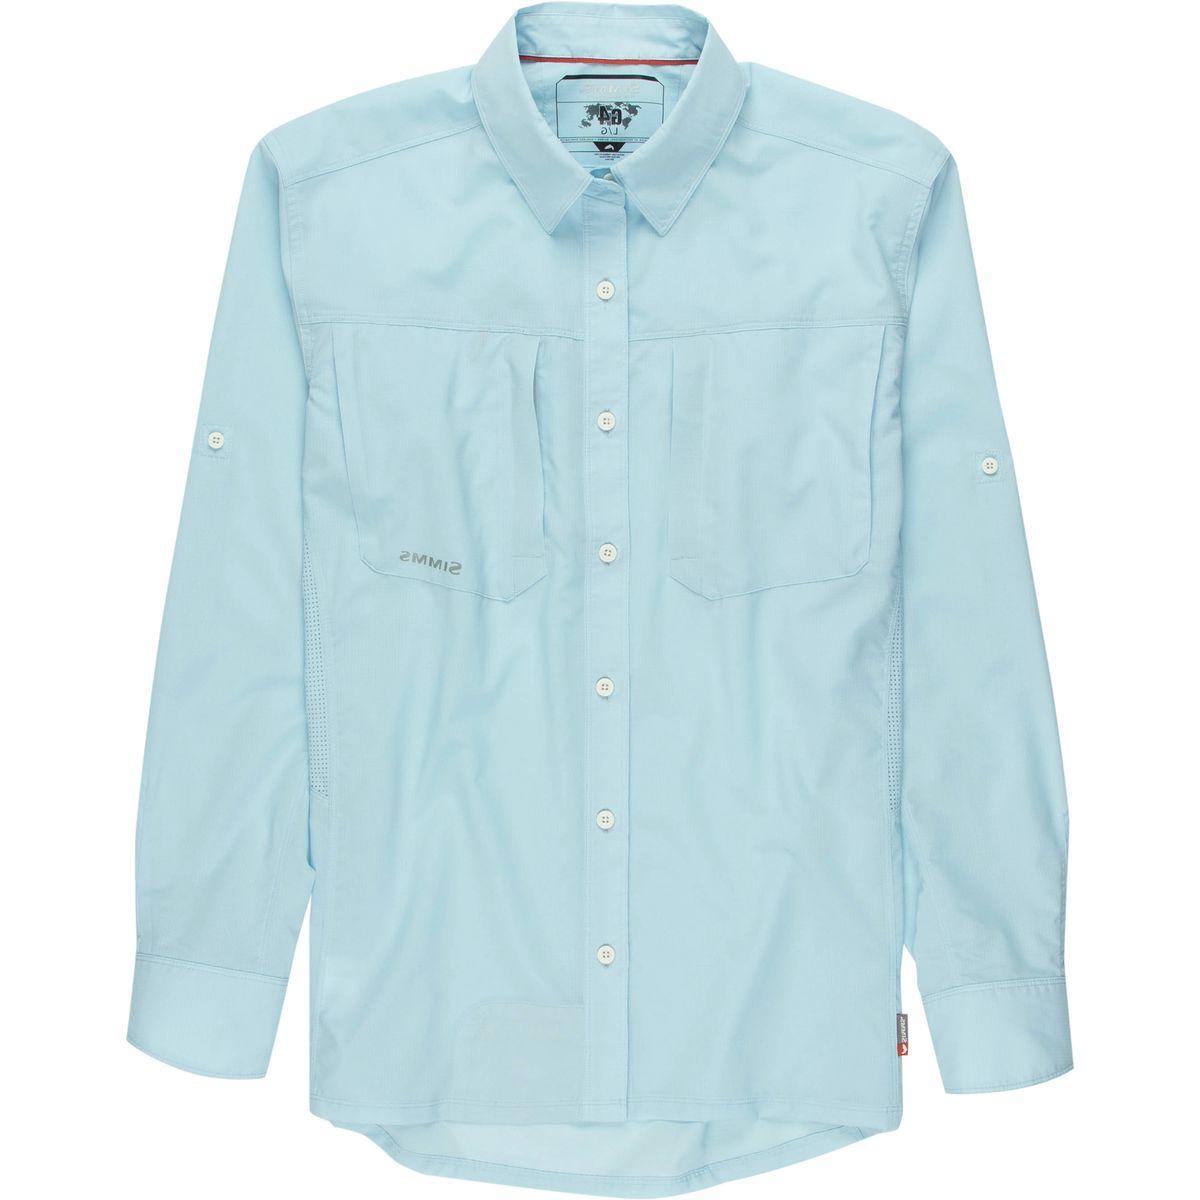 Simms Ultralight Long-Sleeve Shirt - Men's